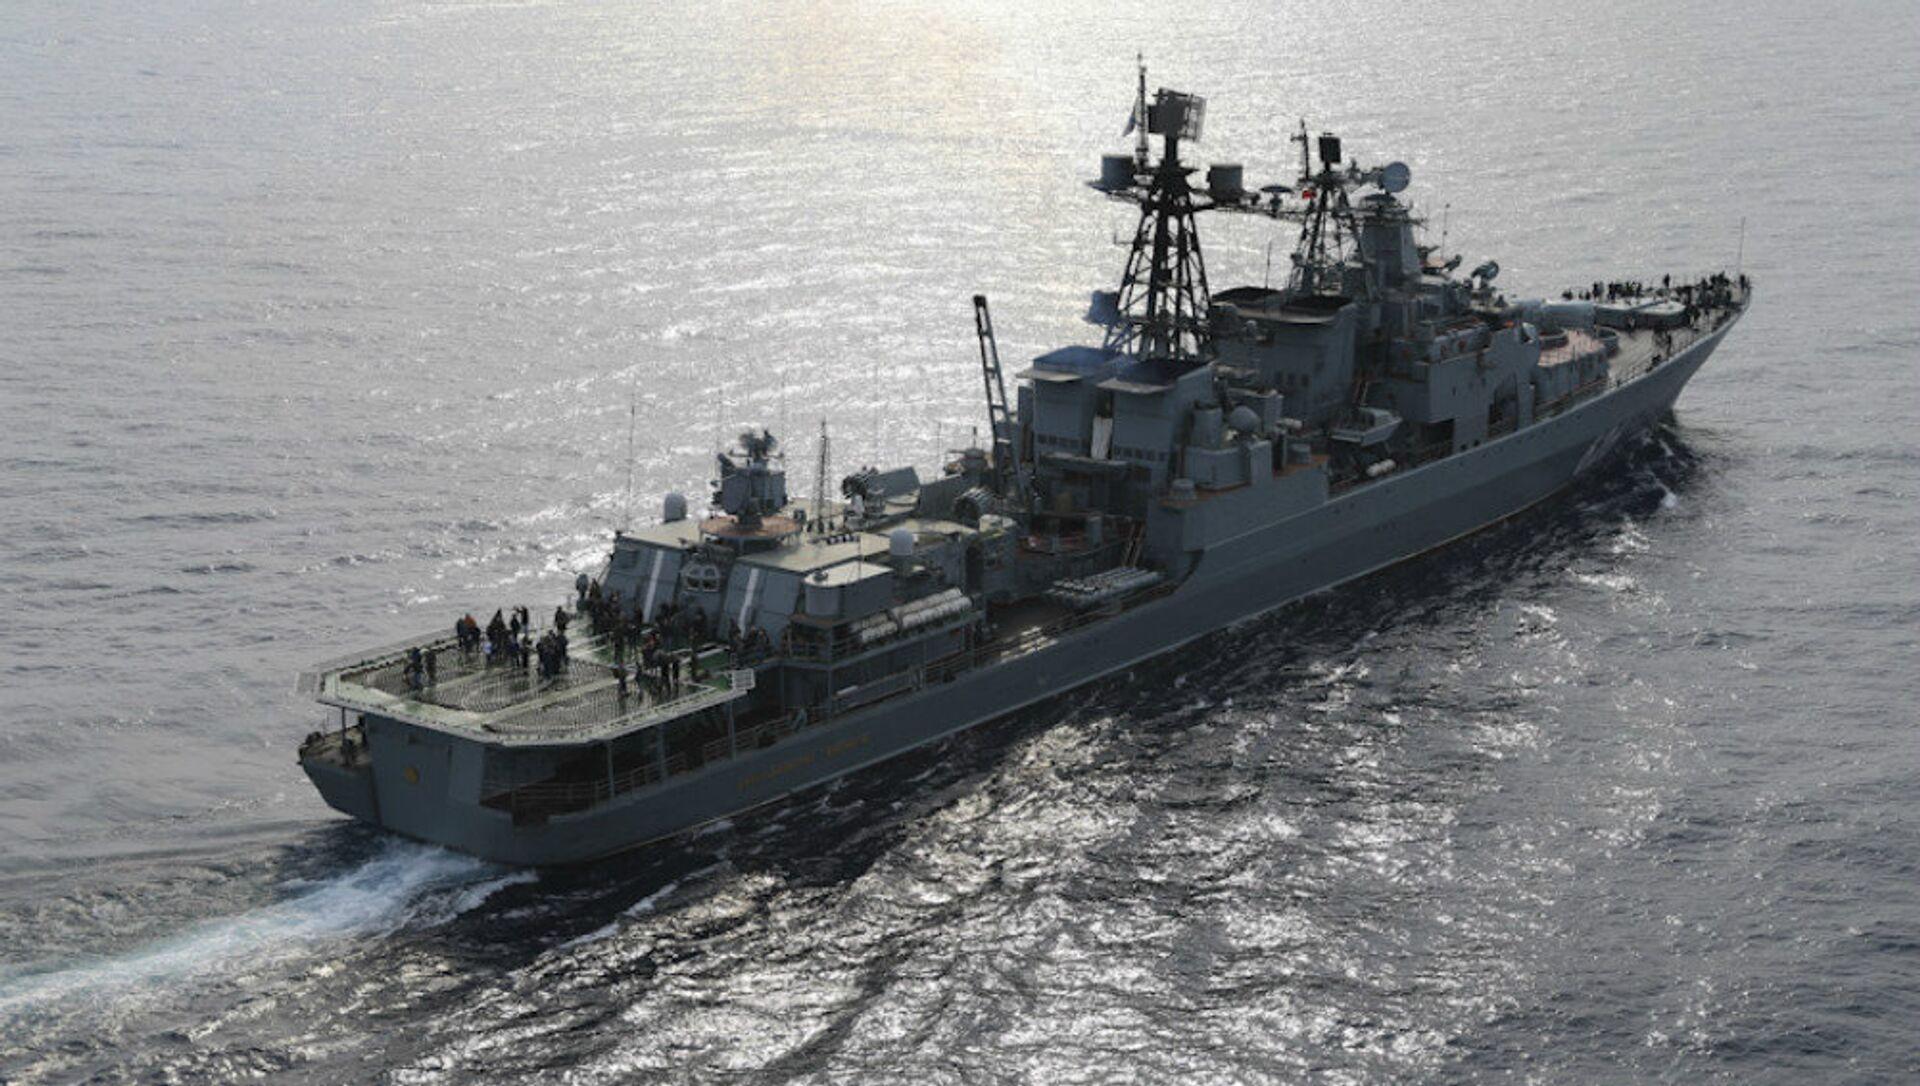 Le destroyer russe Vice-amiral Koulakov - Sputnik France, 1920, 18.08.2021